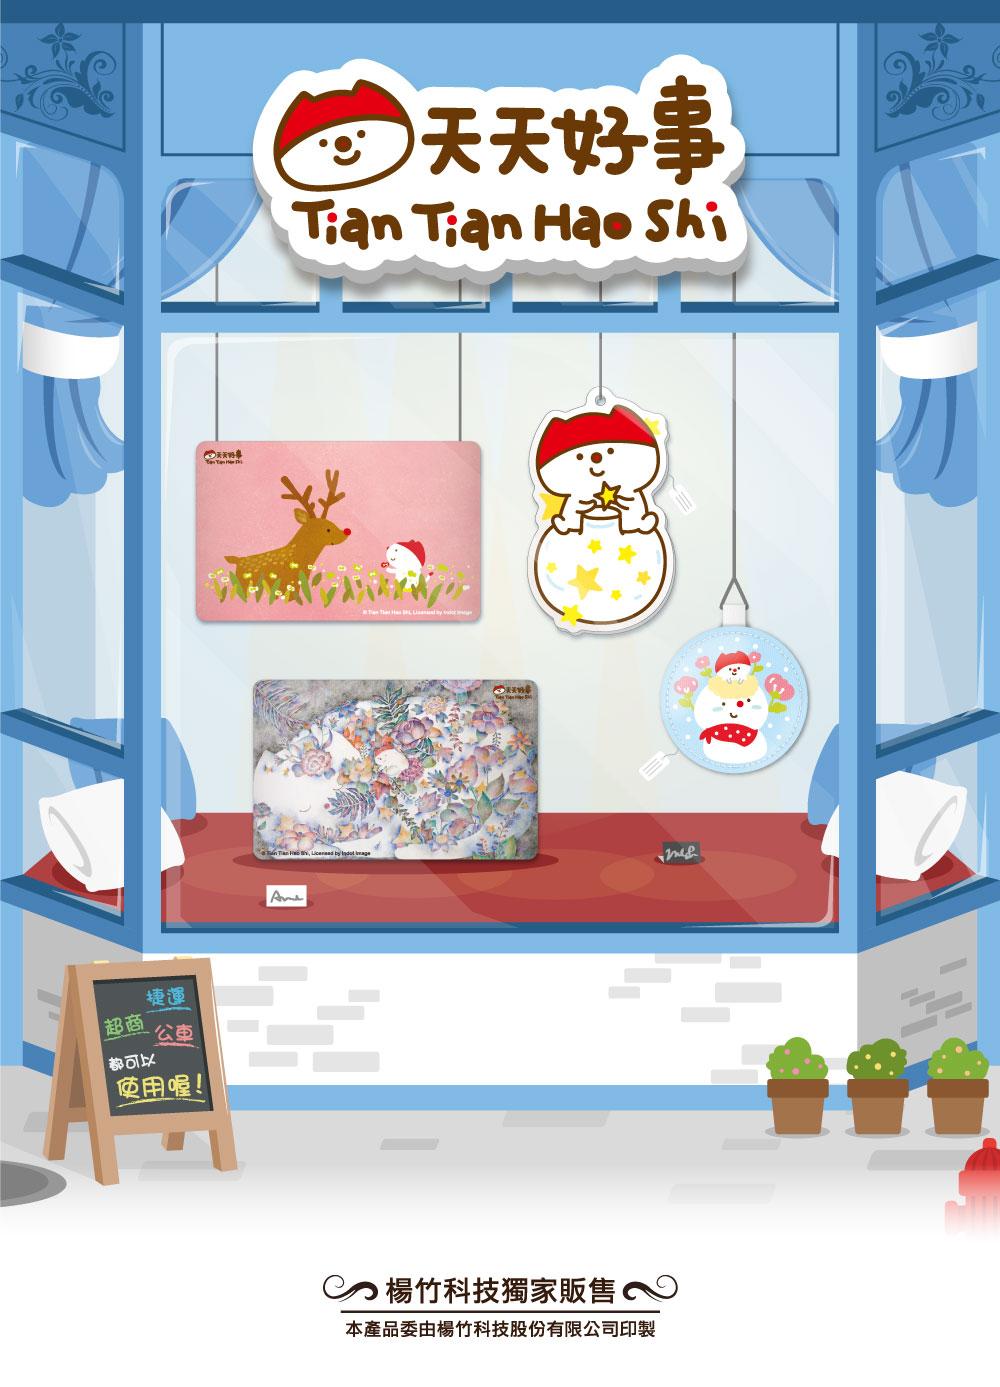 easycard-TianTianHaoShi